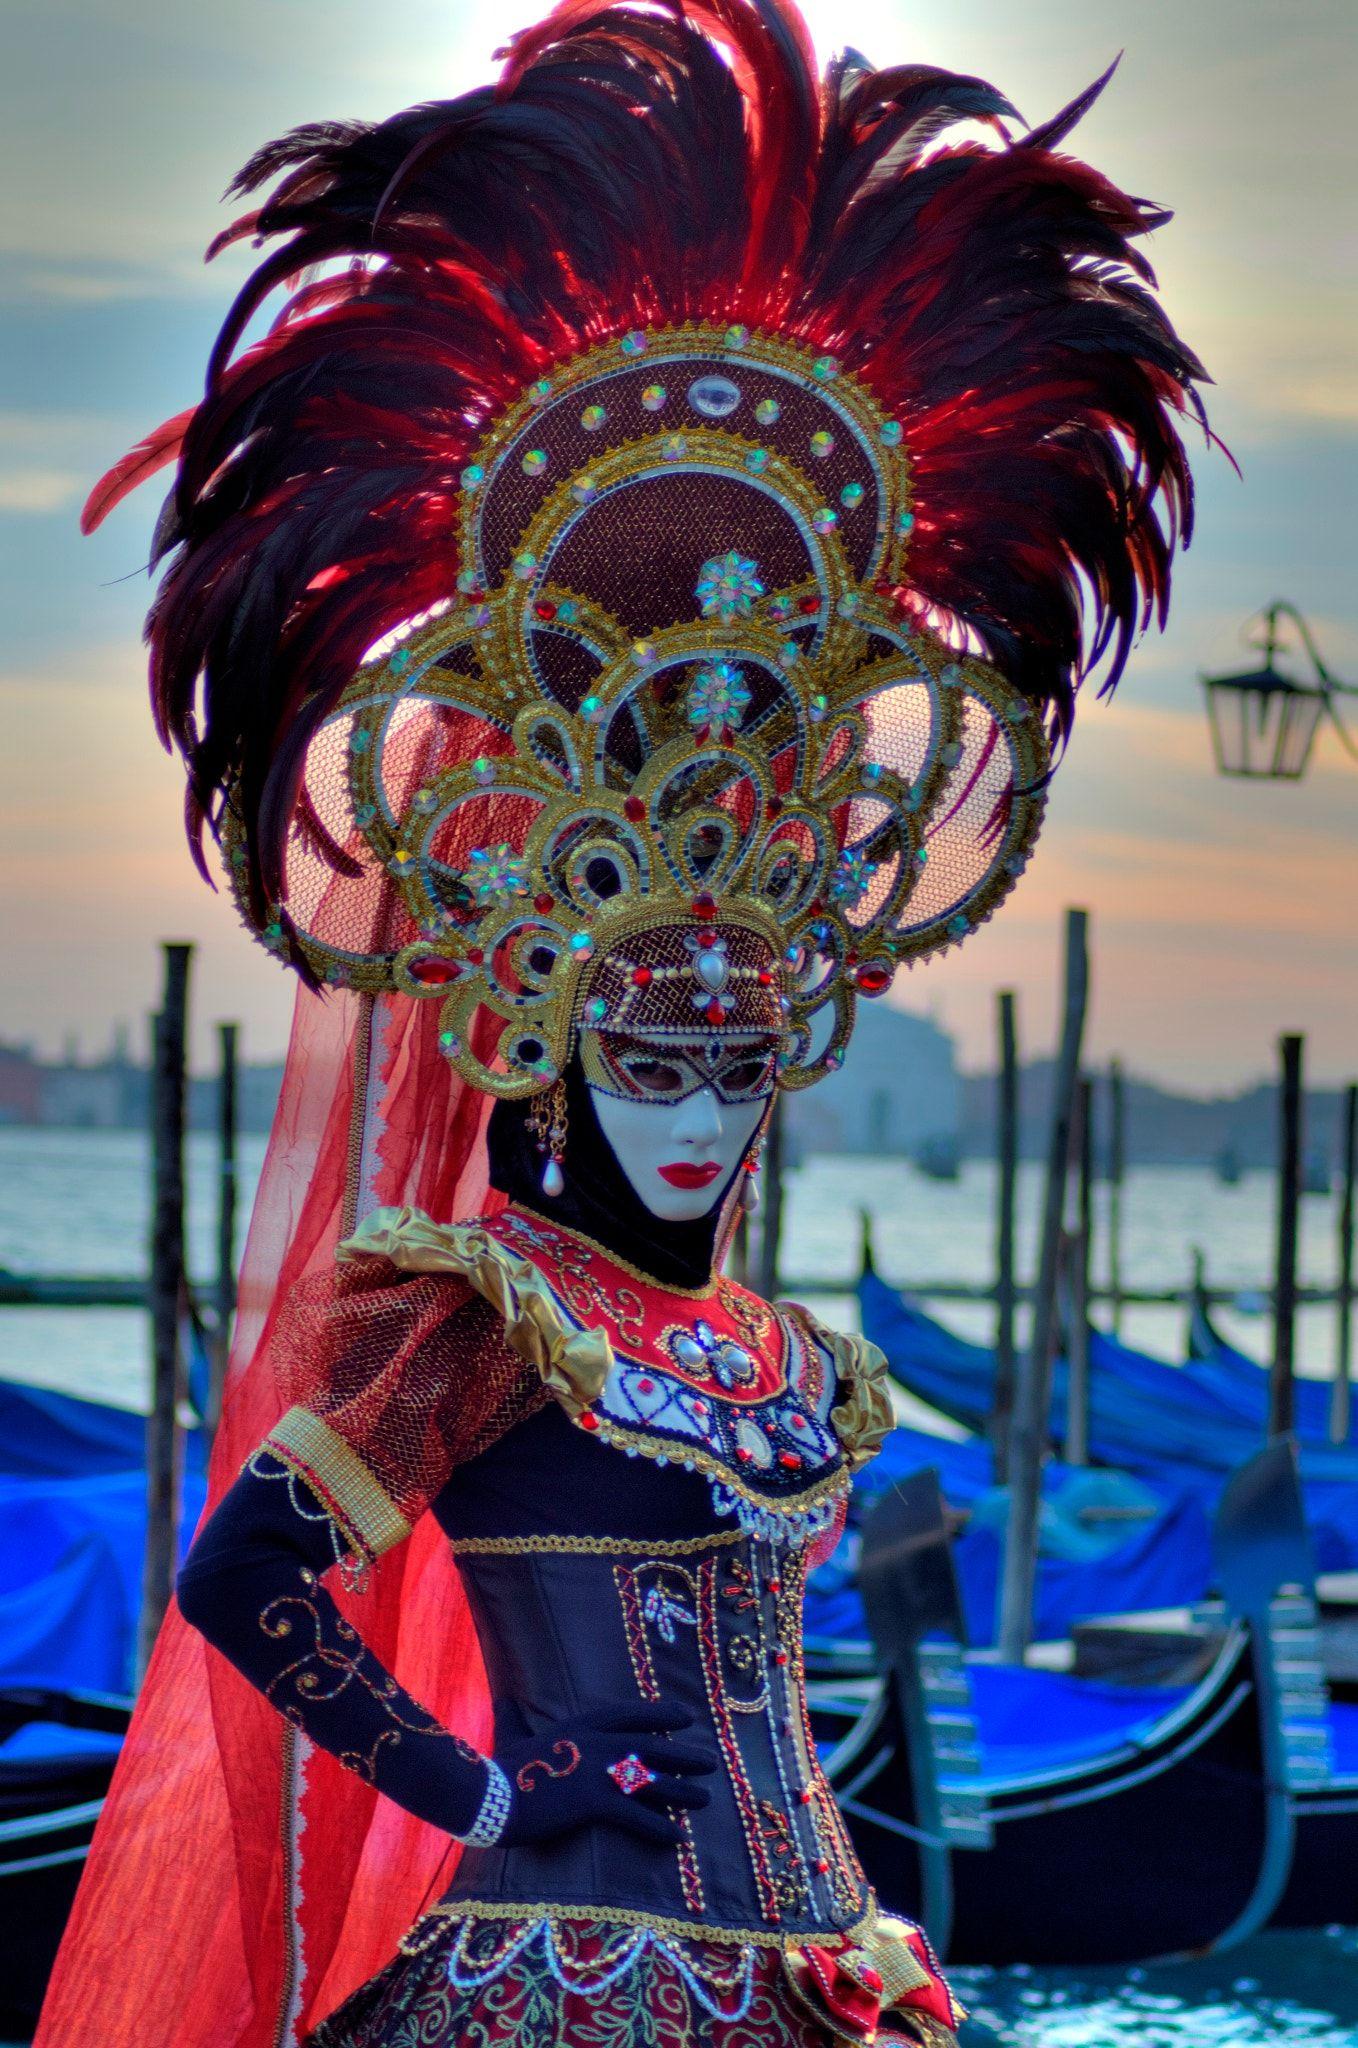 Carnival II - Venice Carnival